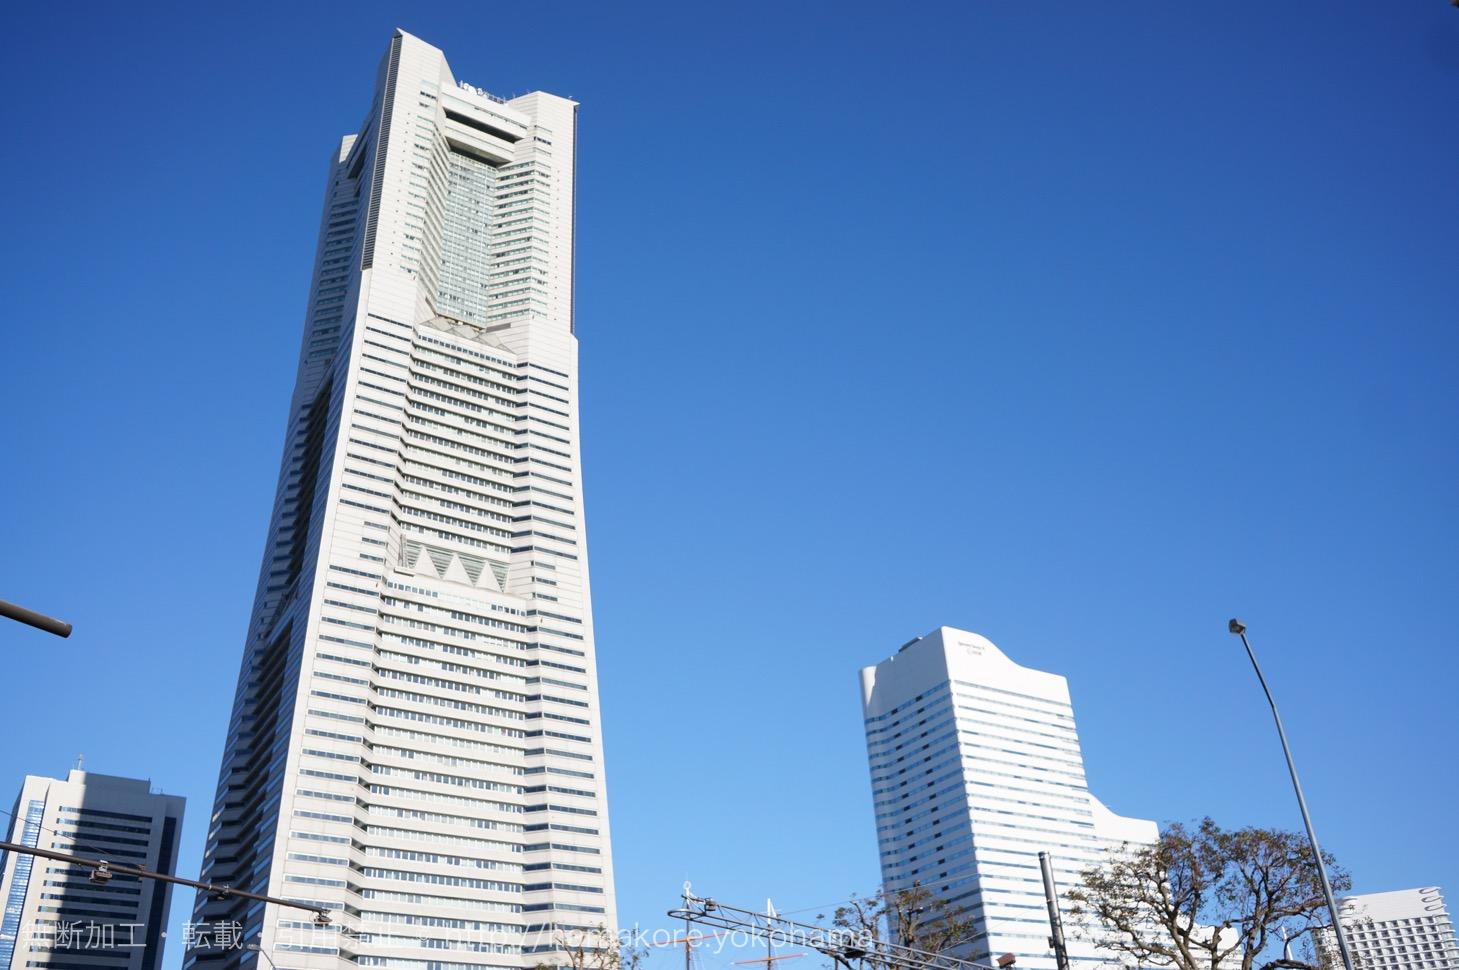 横浜ランドマークタワー 基本観光情報